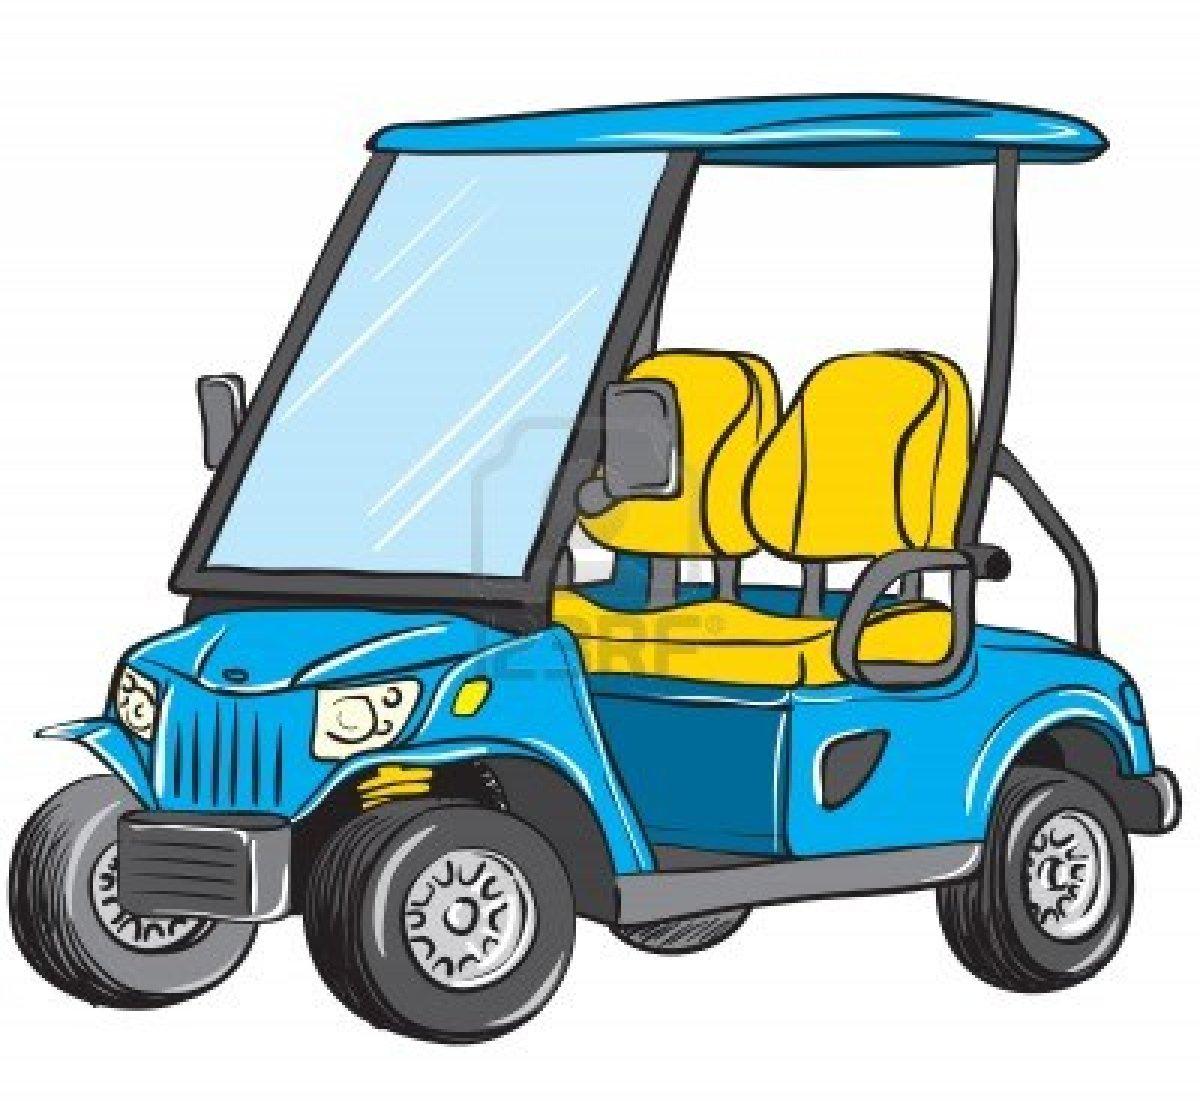 1200x1101 Golf Course Clipart Golf Cart